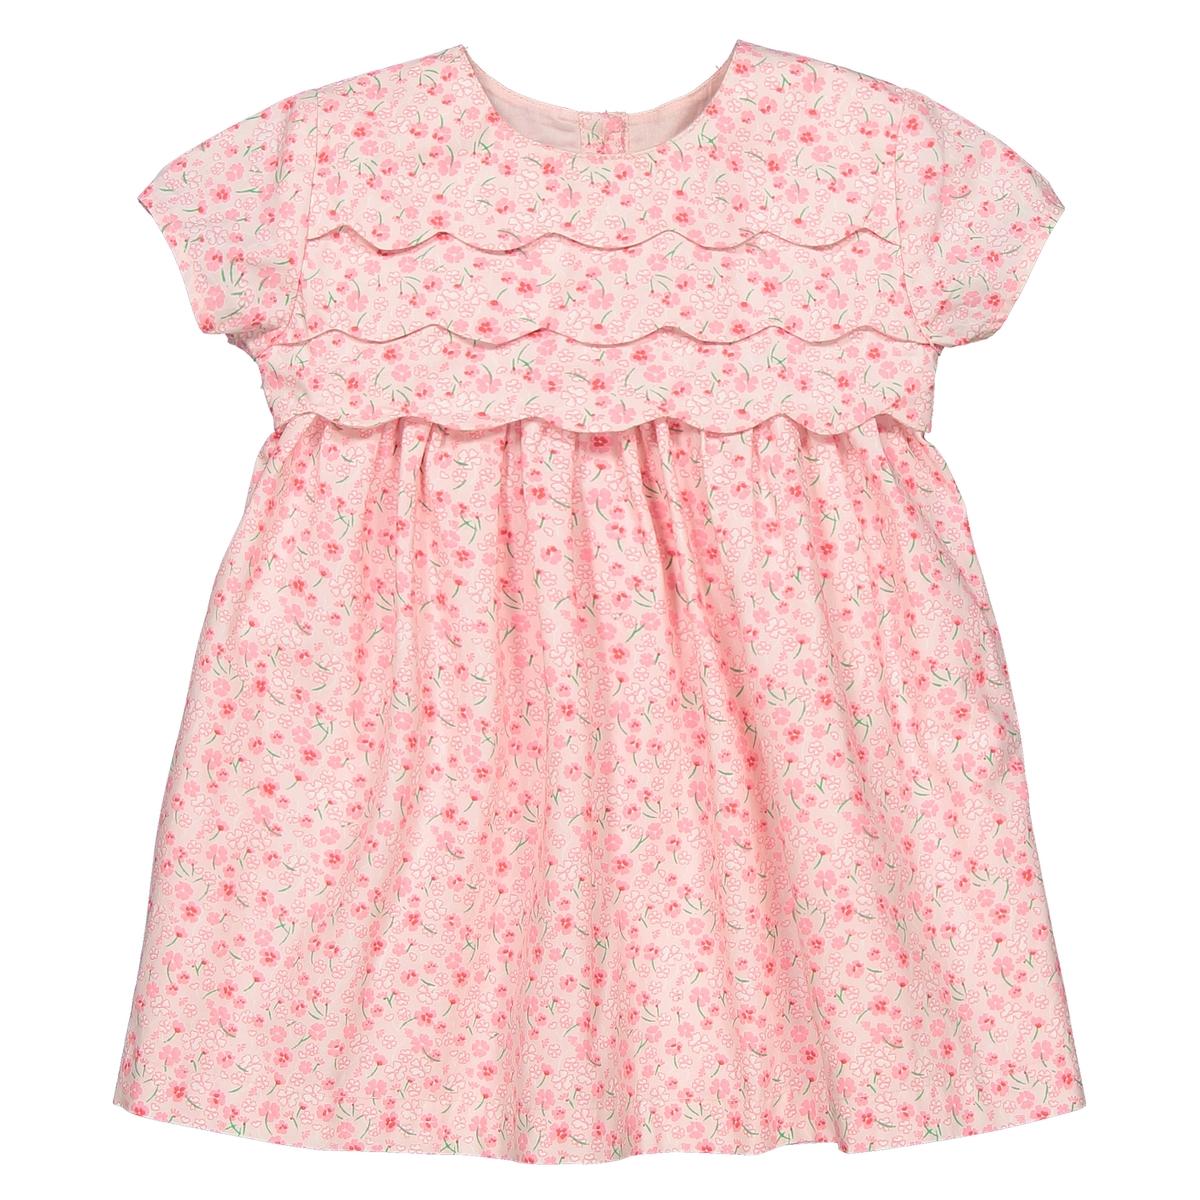 Платье La Redoute С короткими рукавами и цветочным рисунком мес - года 3 года - 94 см розовый платье la redoute из мольтона в полоску и тюля мес года 3 года 94 см розовый